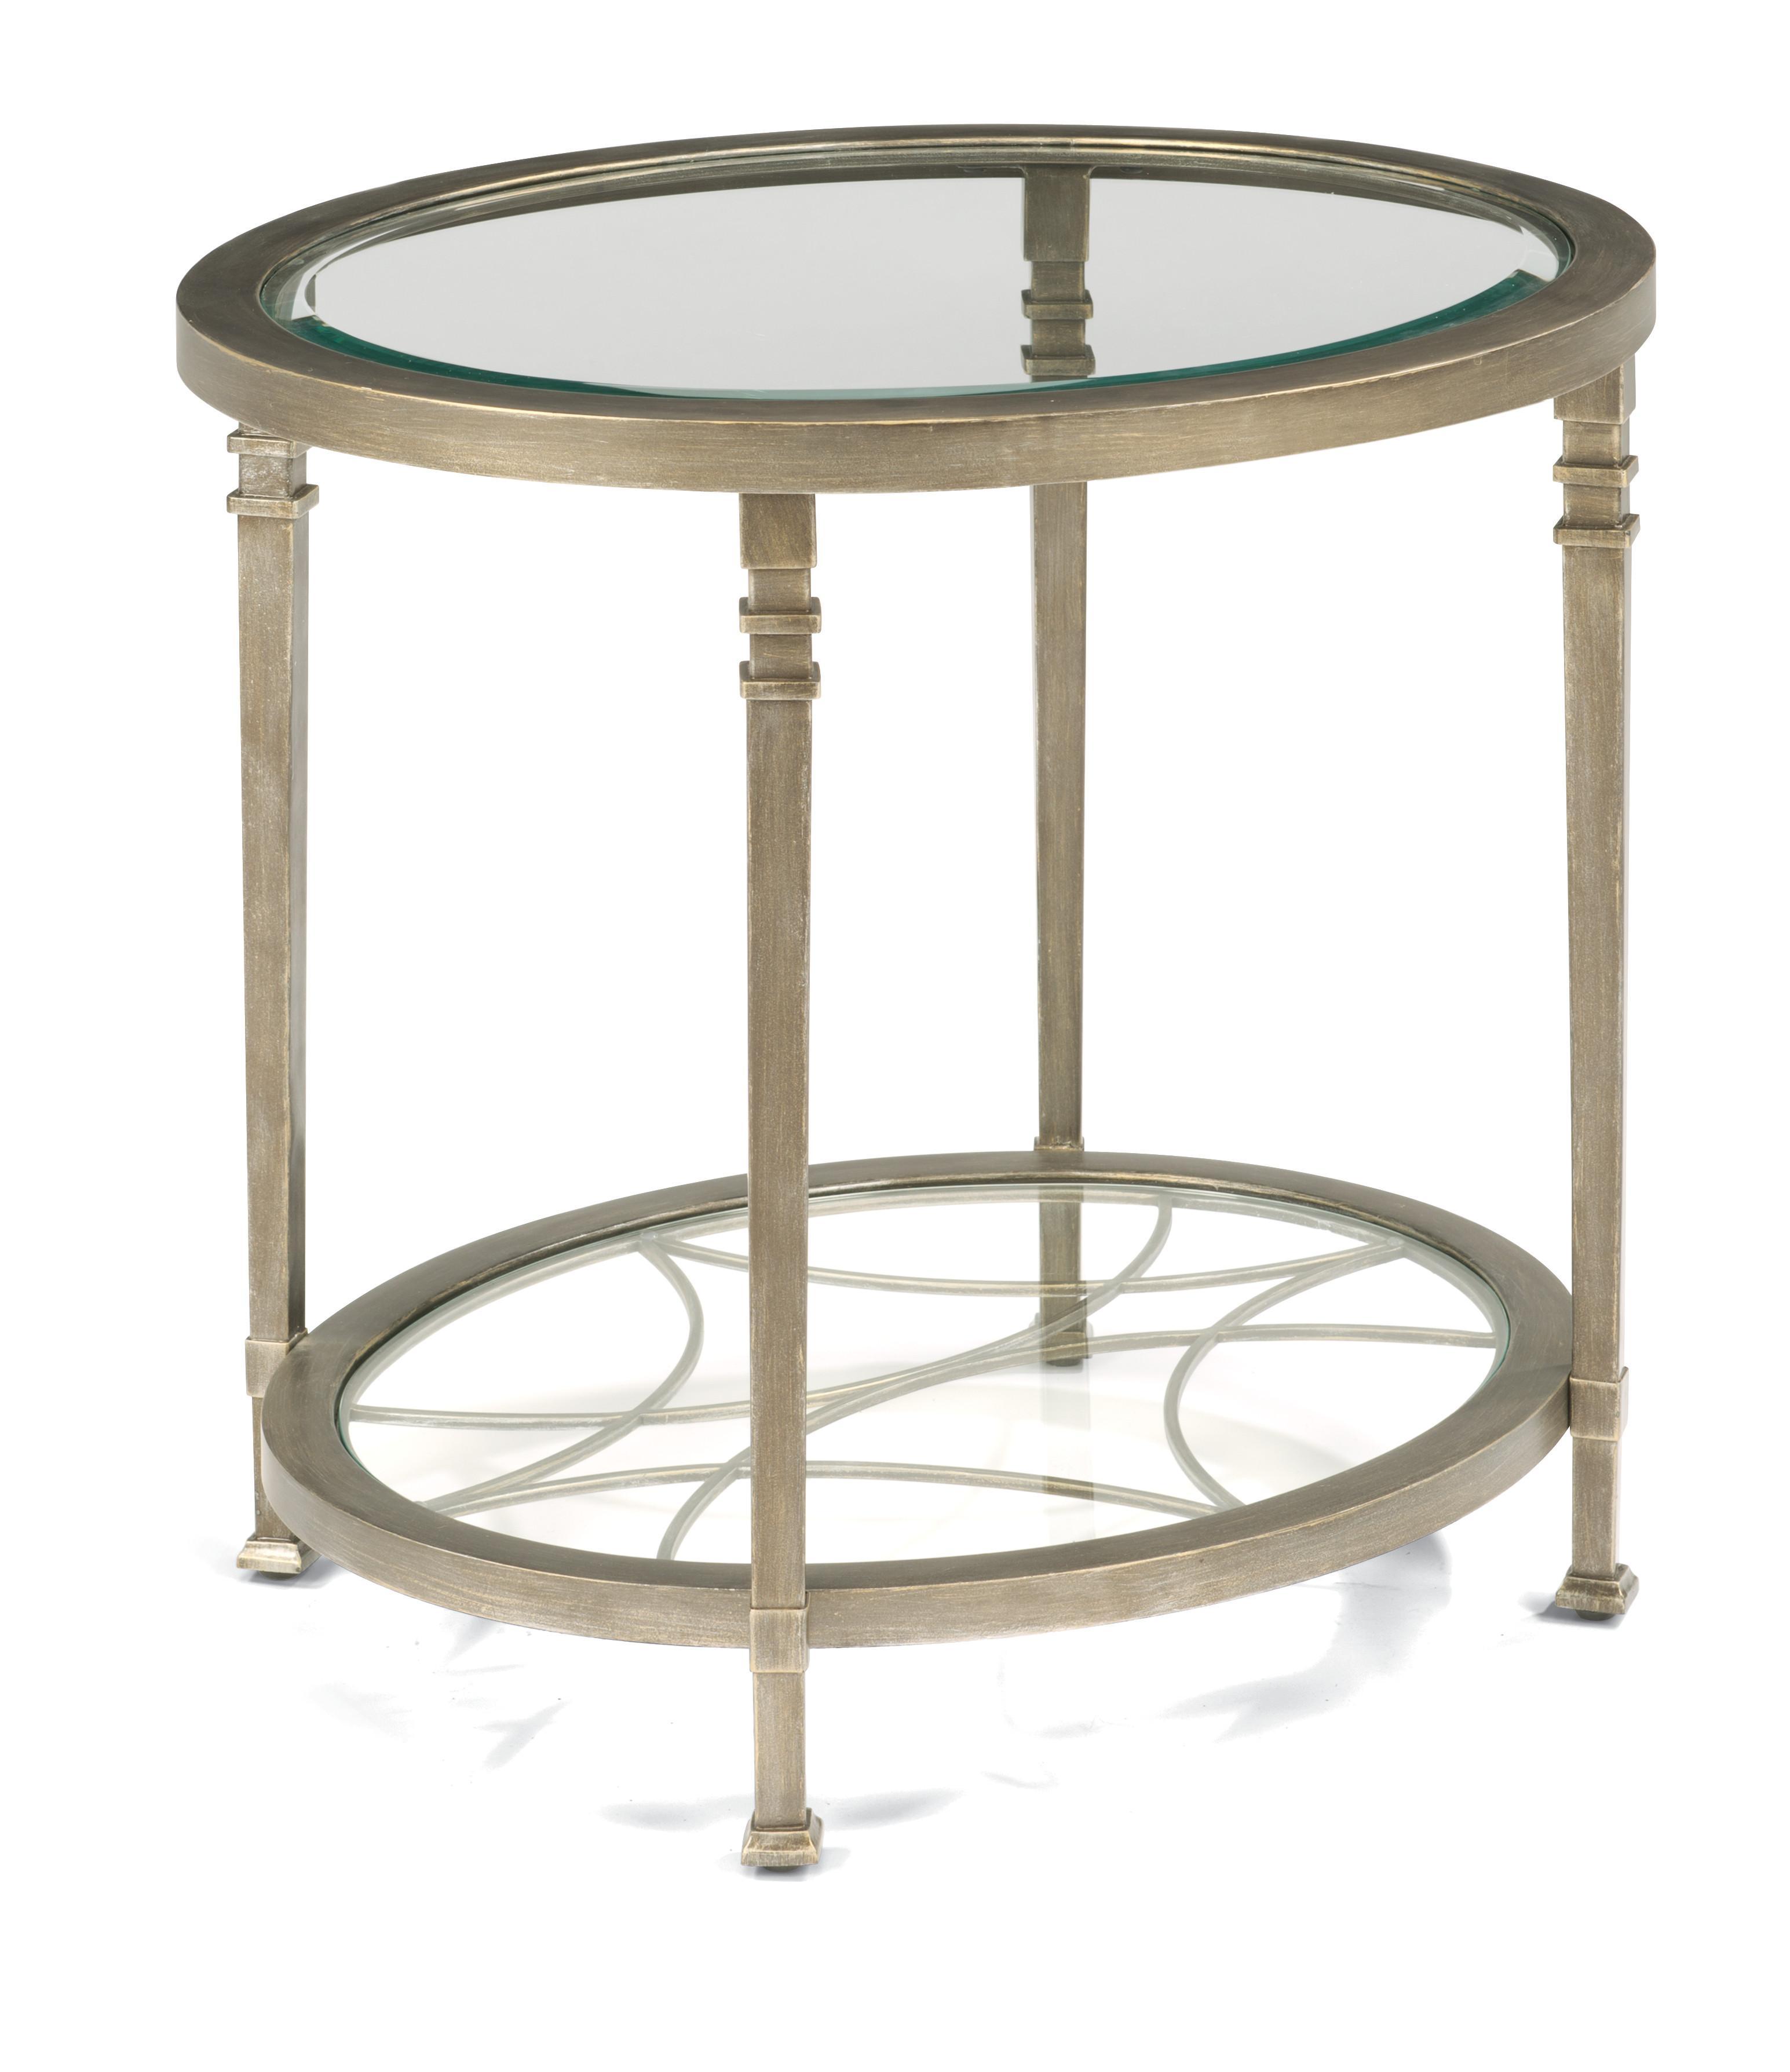 Flexsteel Atrium End Table - Item Number: 6725-01